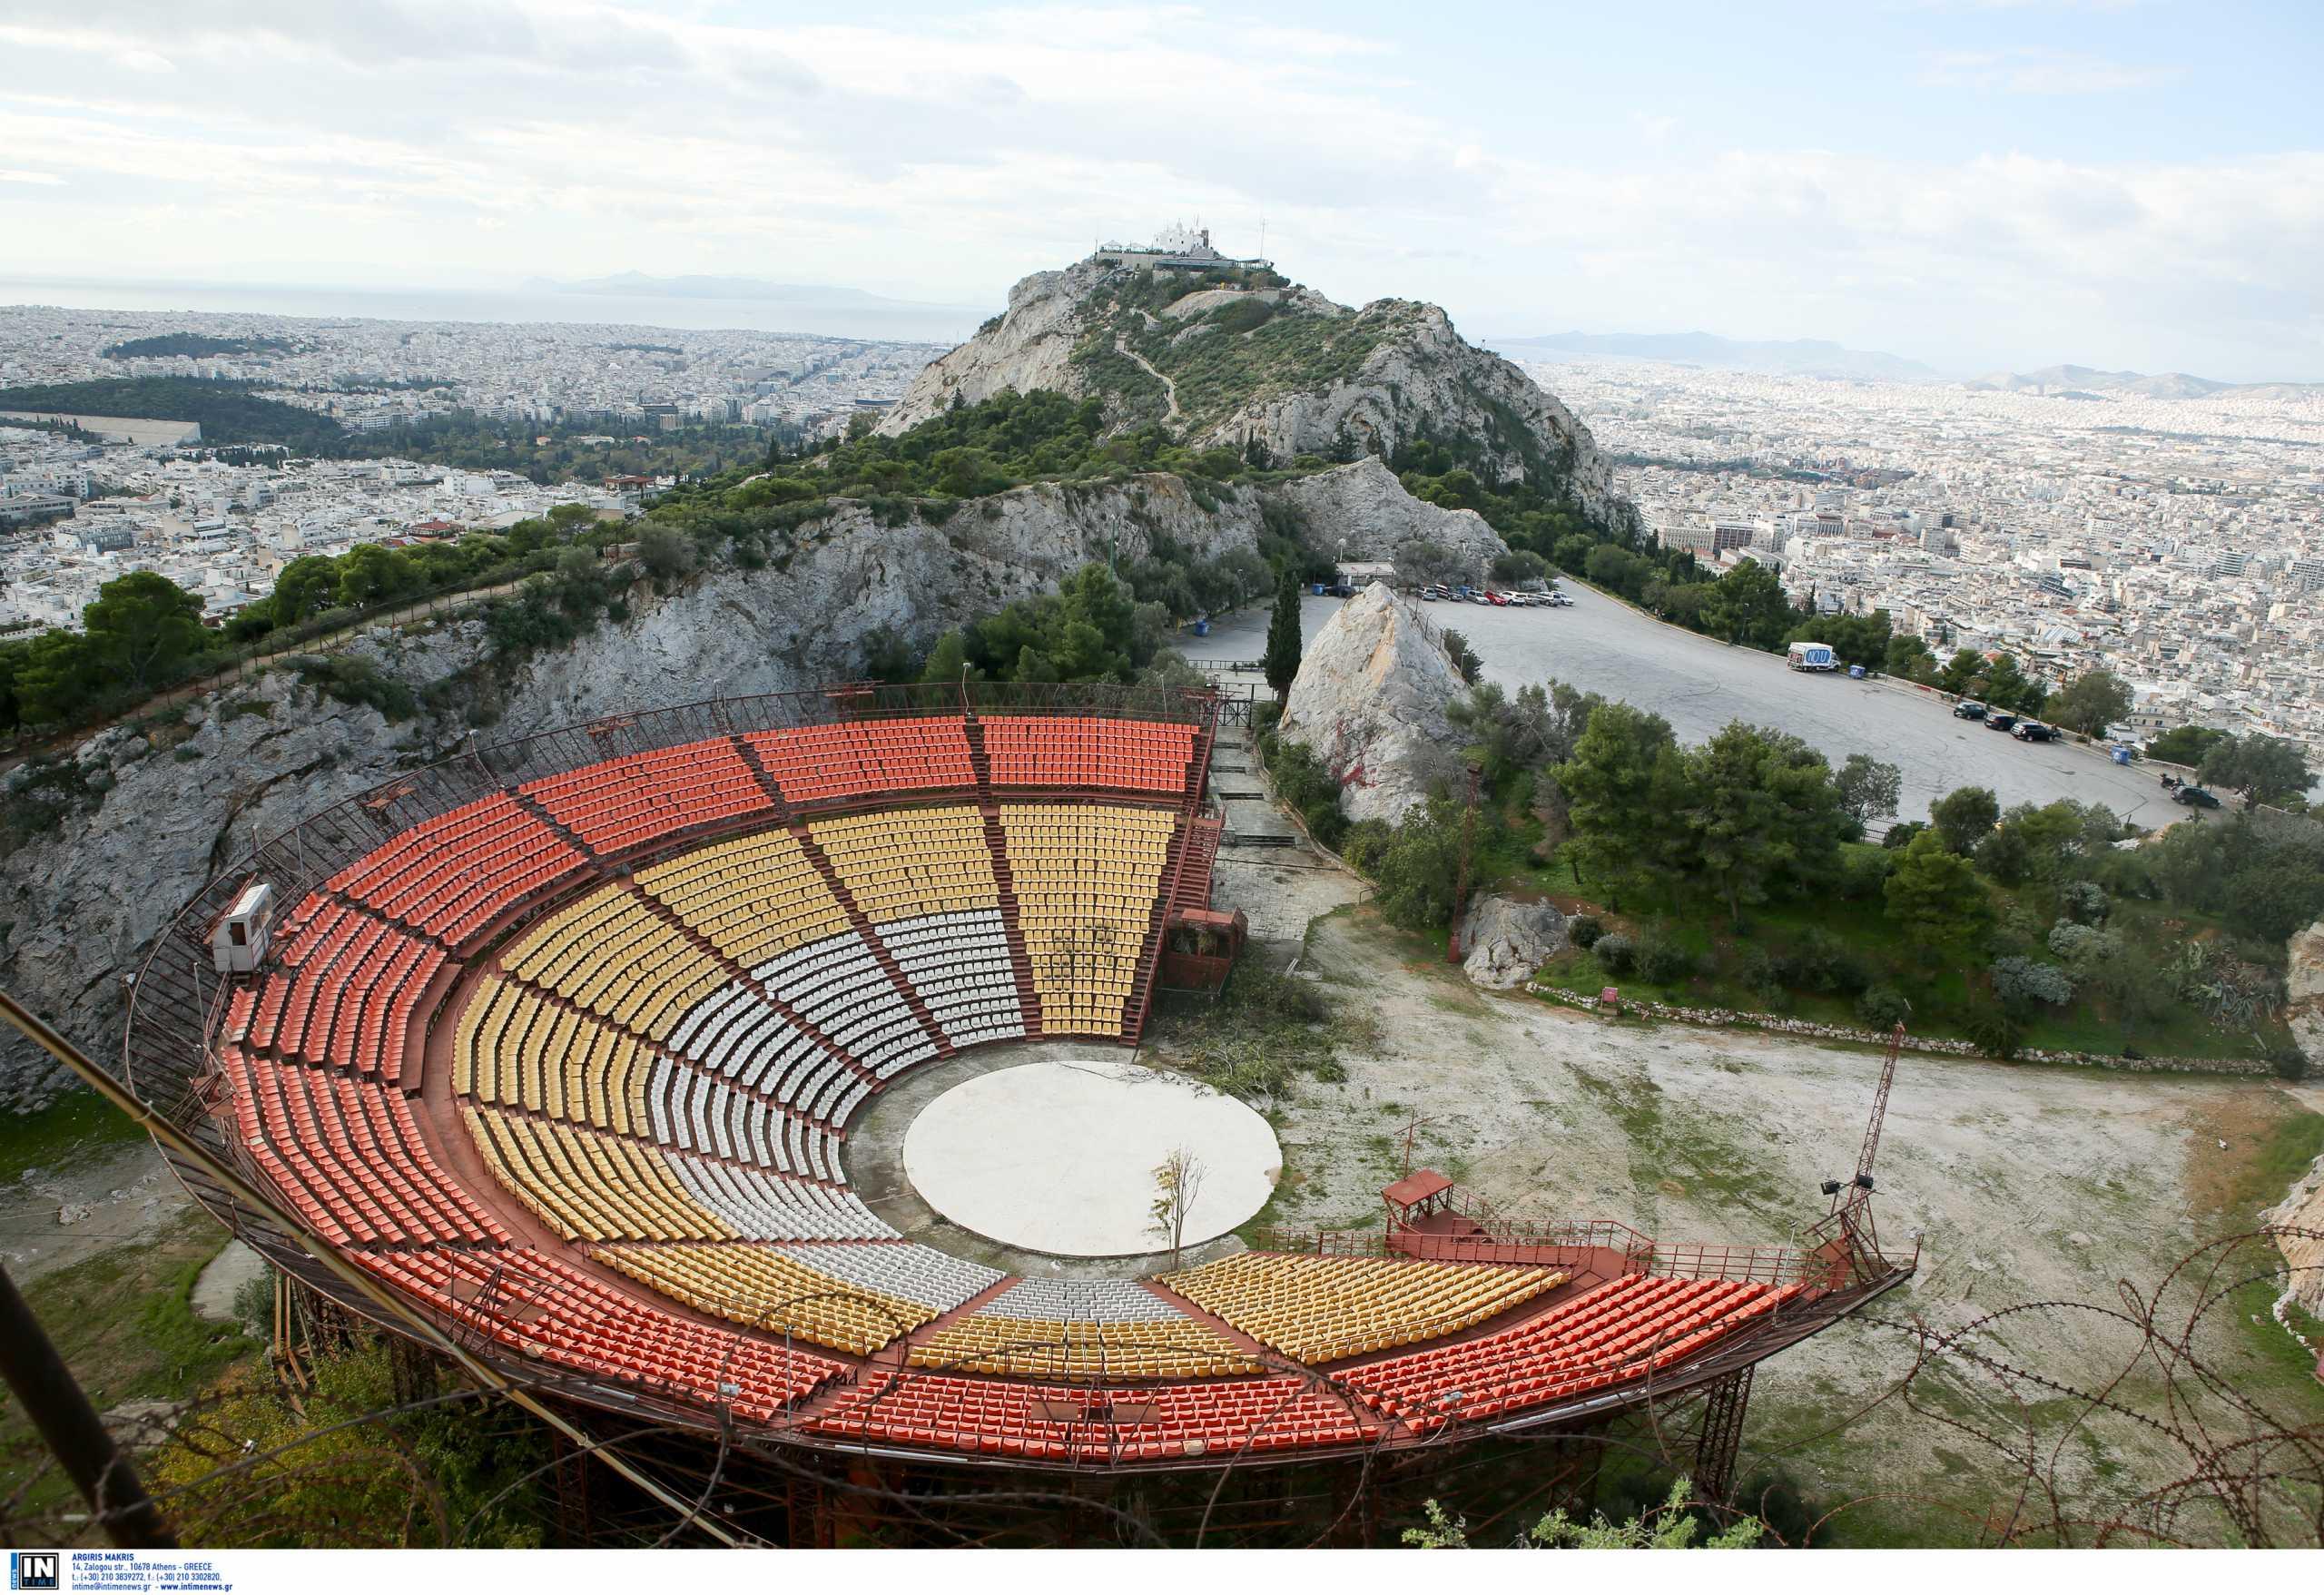 Λυκαβηττός: Ανοίγει ο δρόμος για την ανάπλαση του λόφου και την επαναλειτουργία του θεάτρου